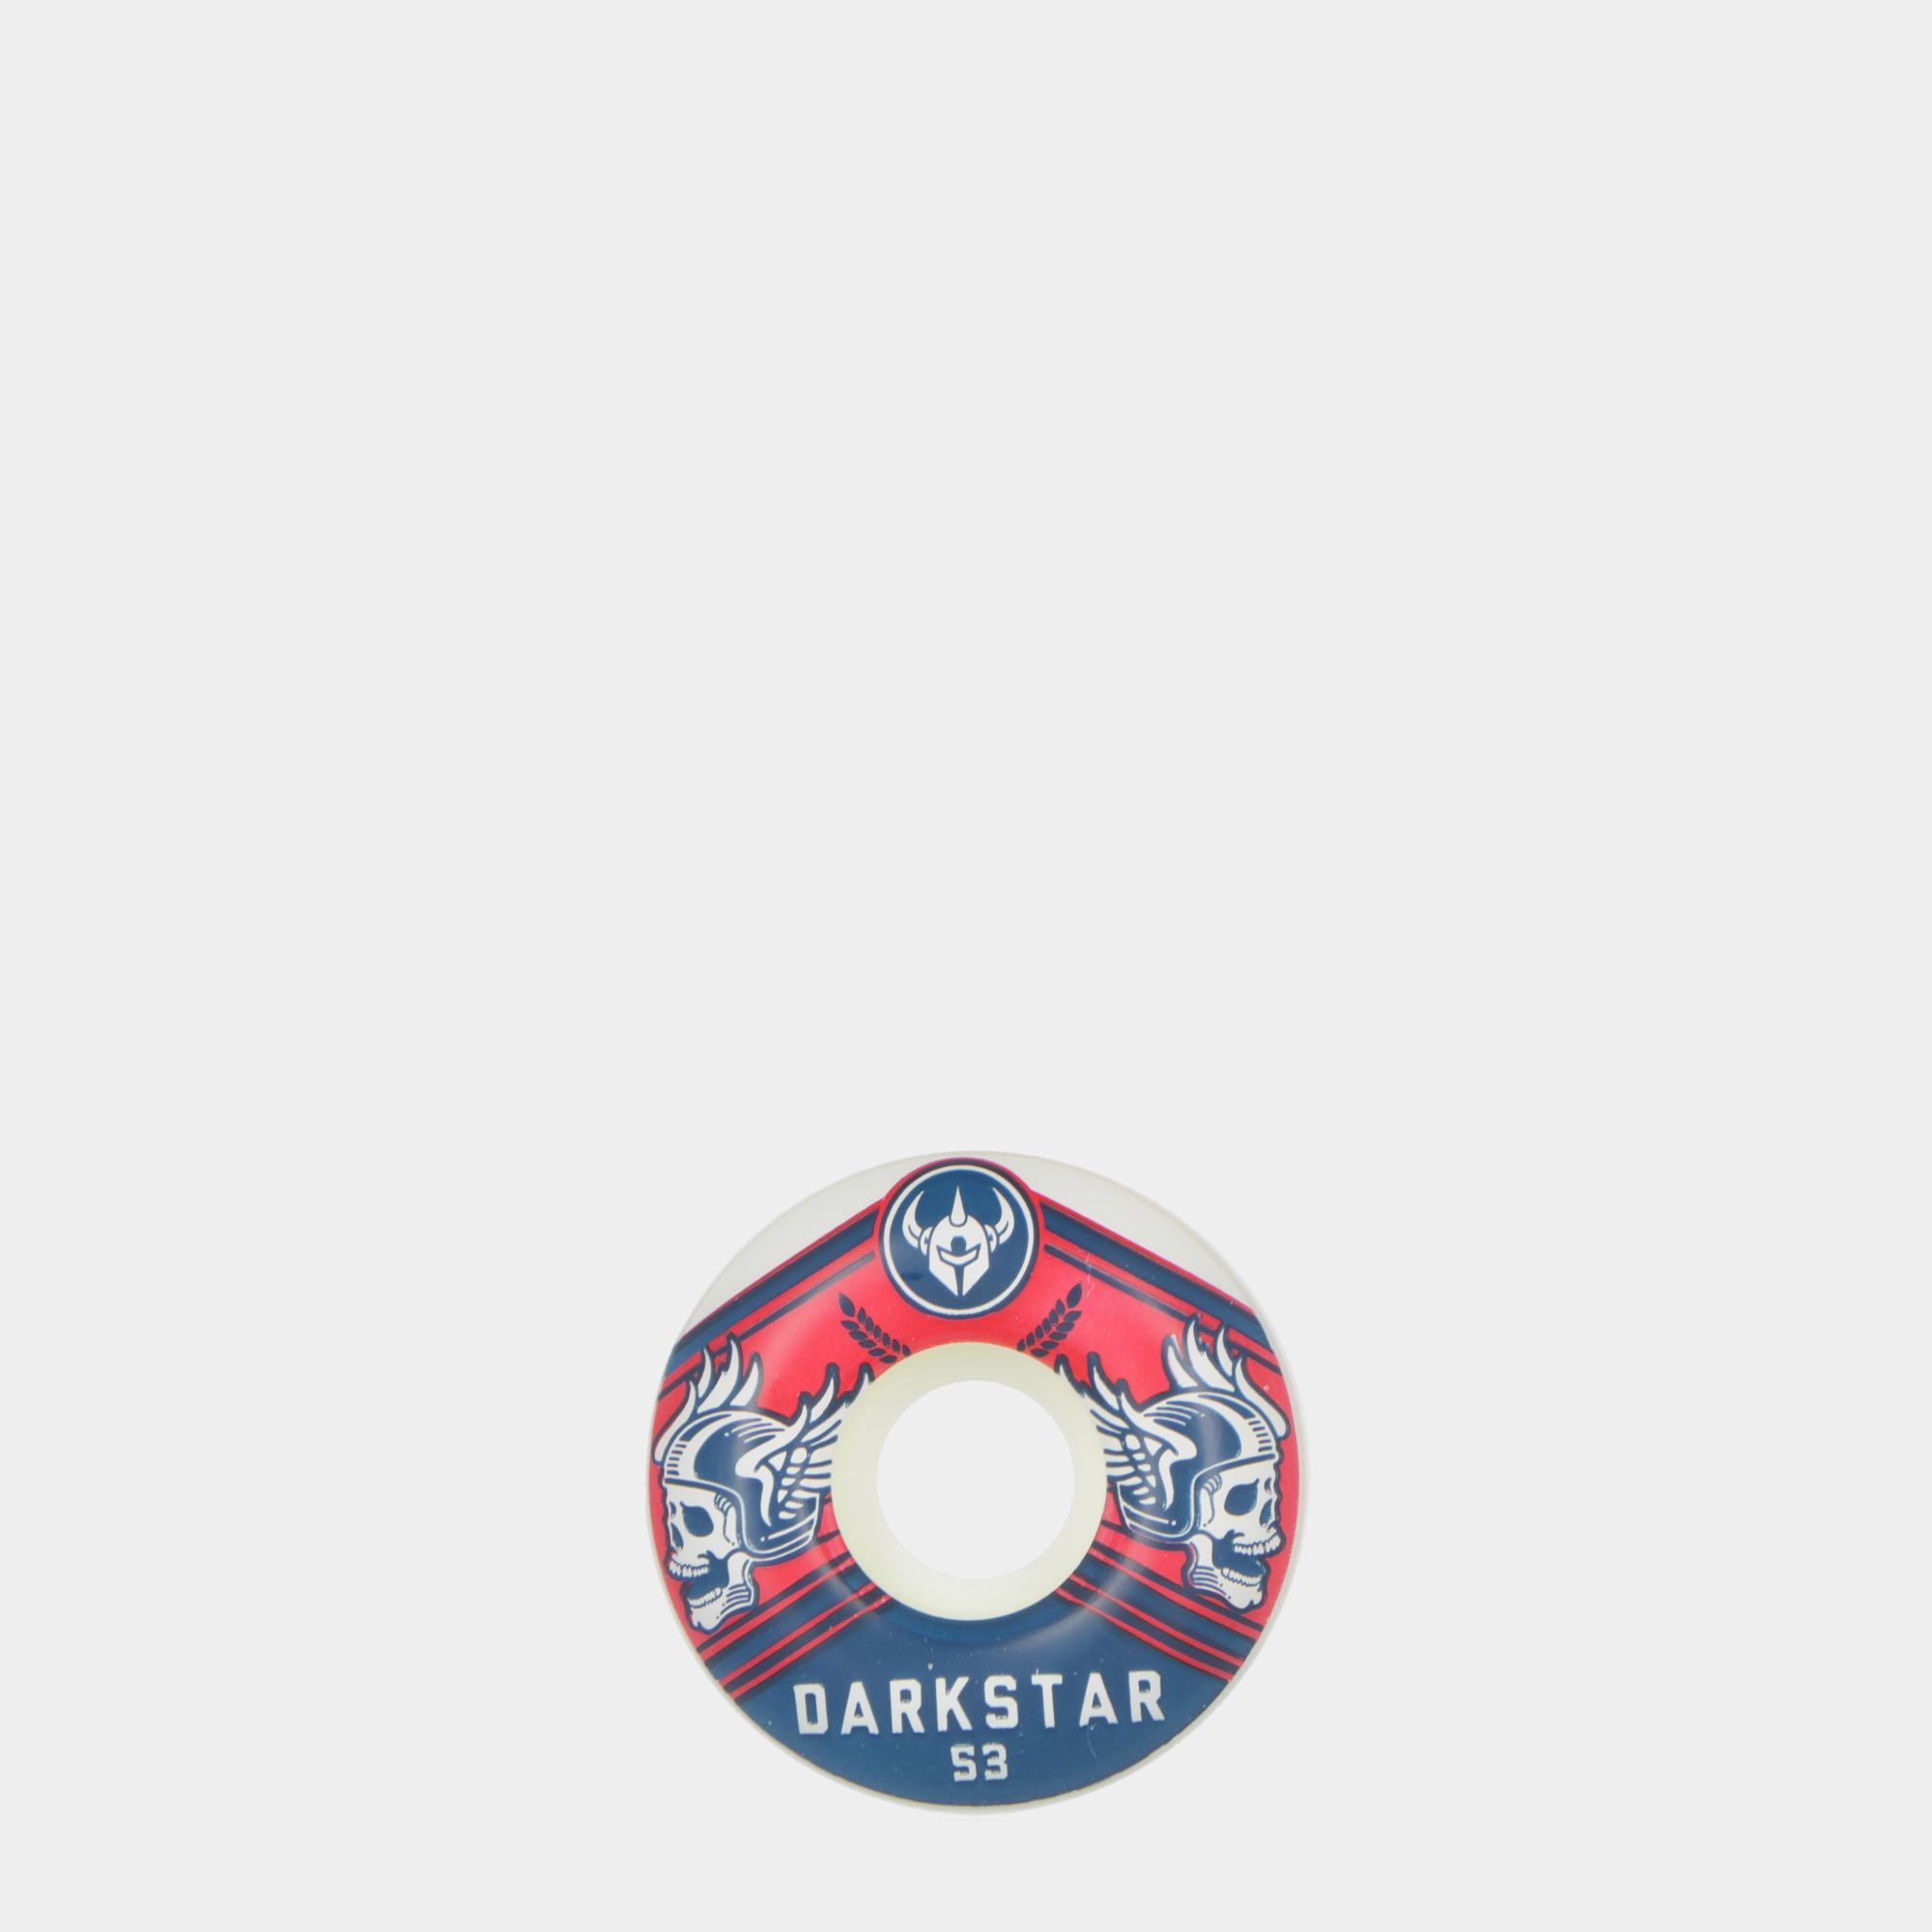 Darkstar Ale 53mm 99a NAVY RED